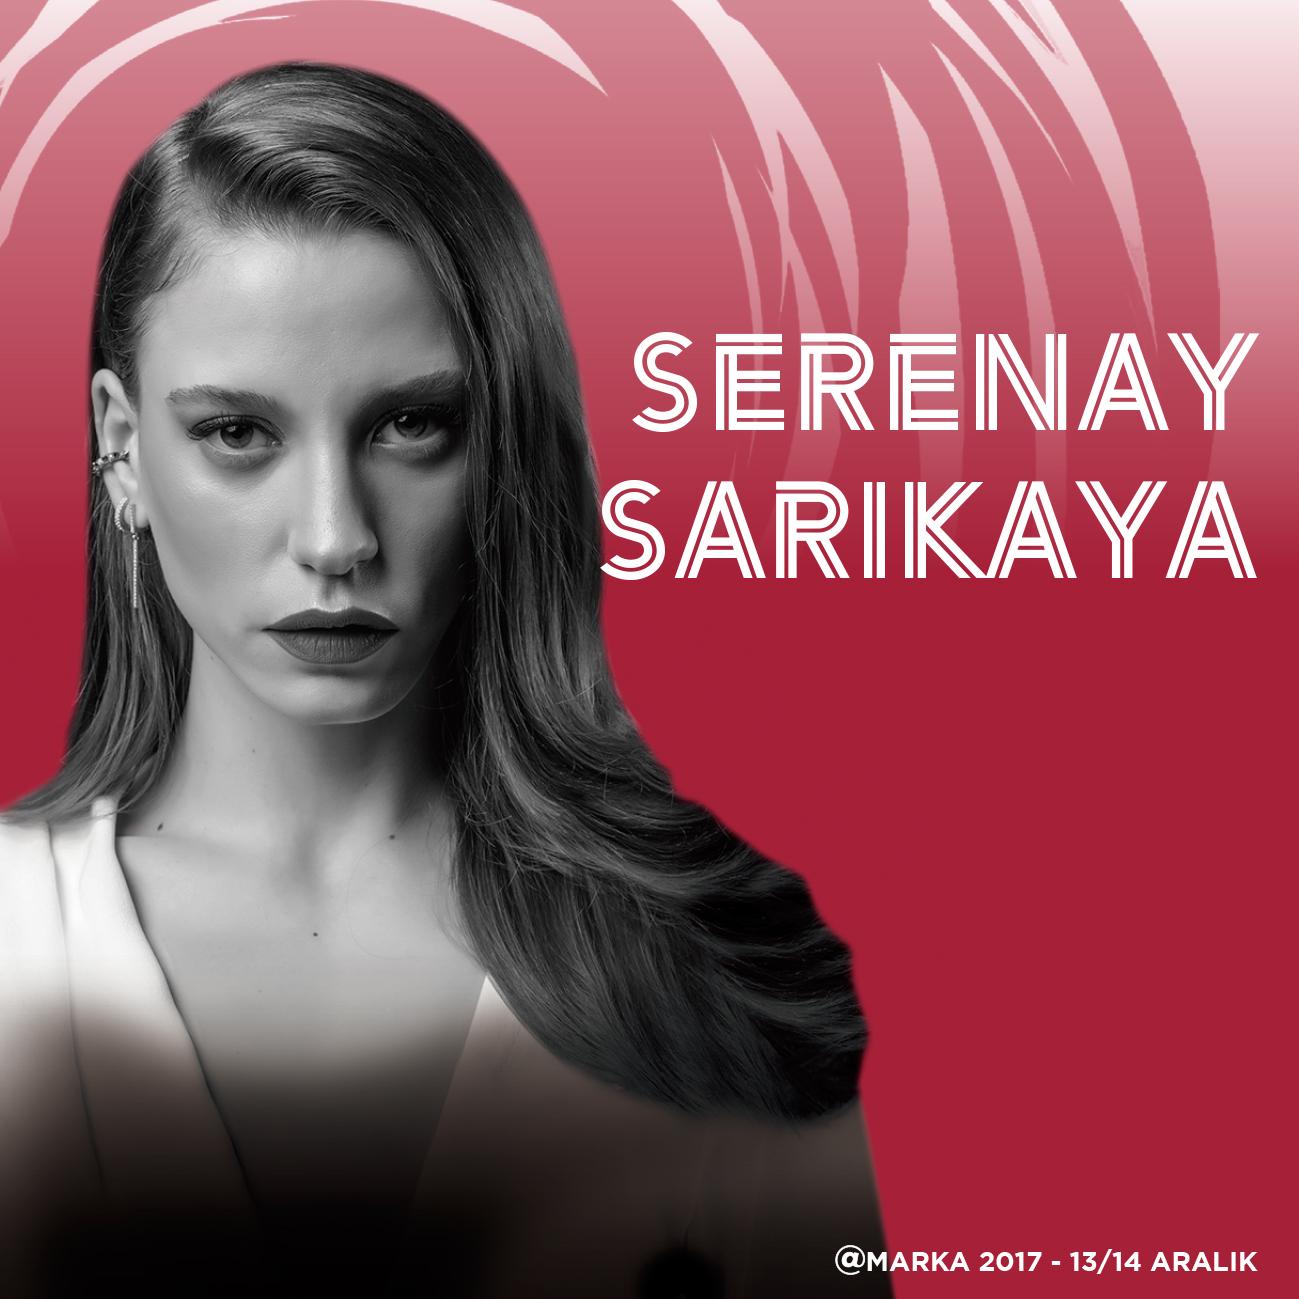 SERENAY SARIKAYA